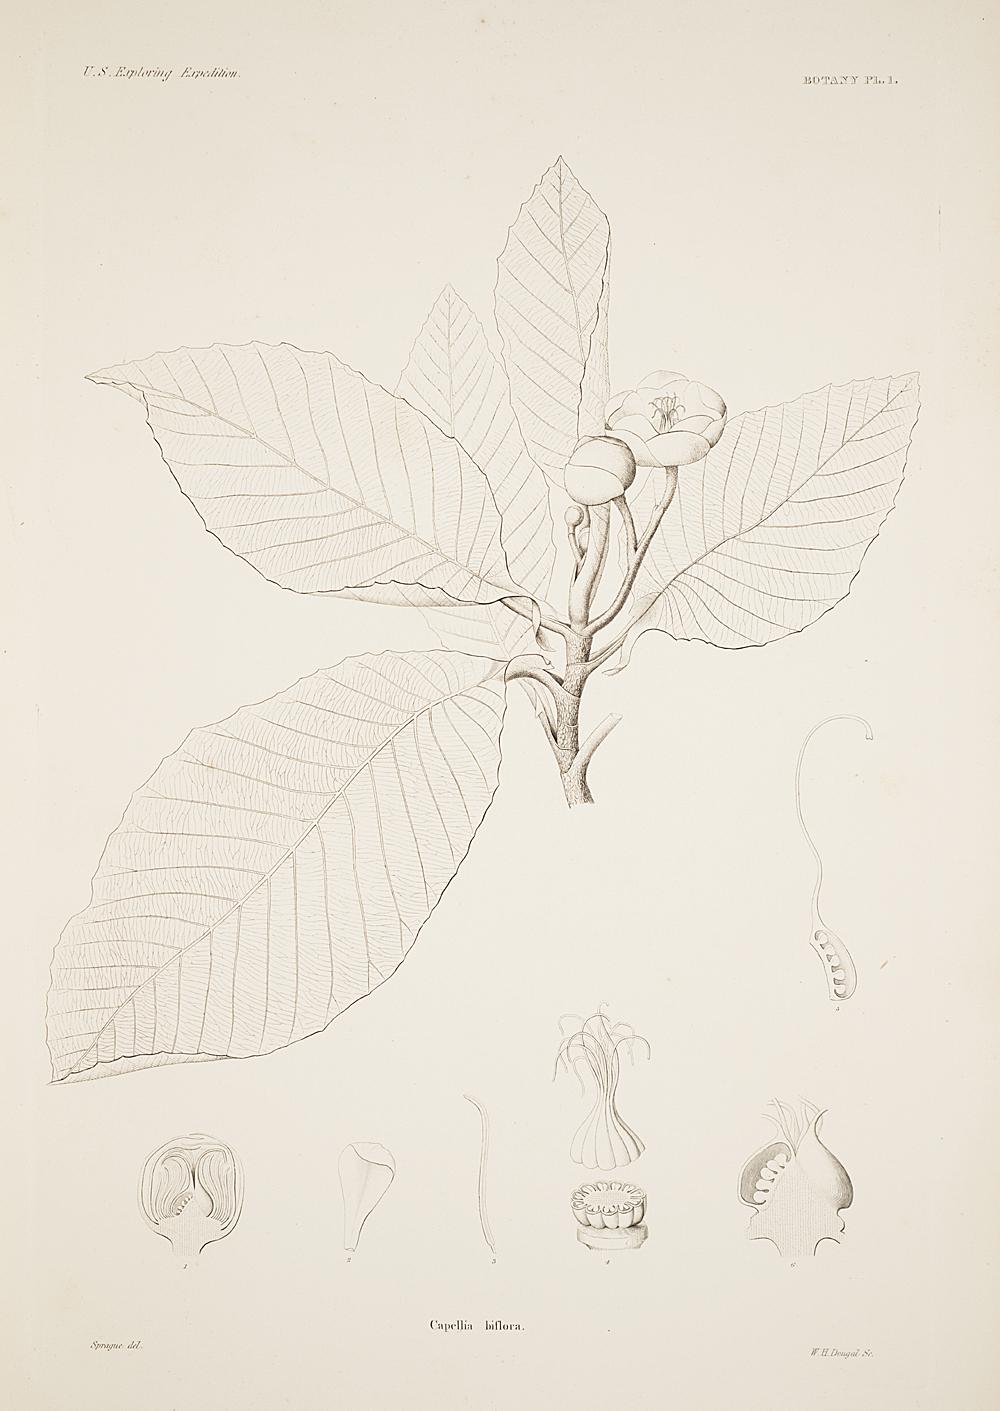 Botany, Pl. 1,  Image number:sil19-23-013b